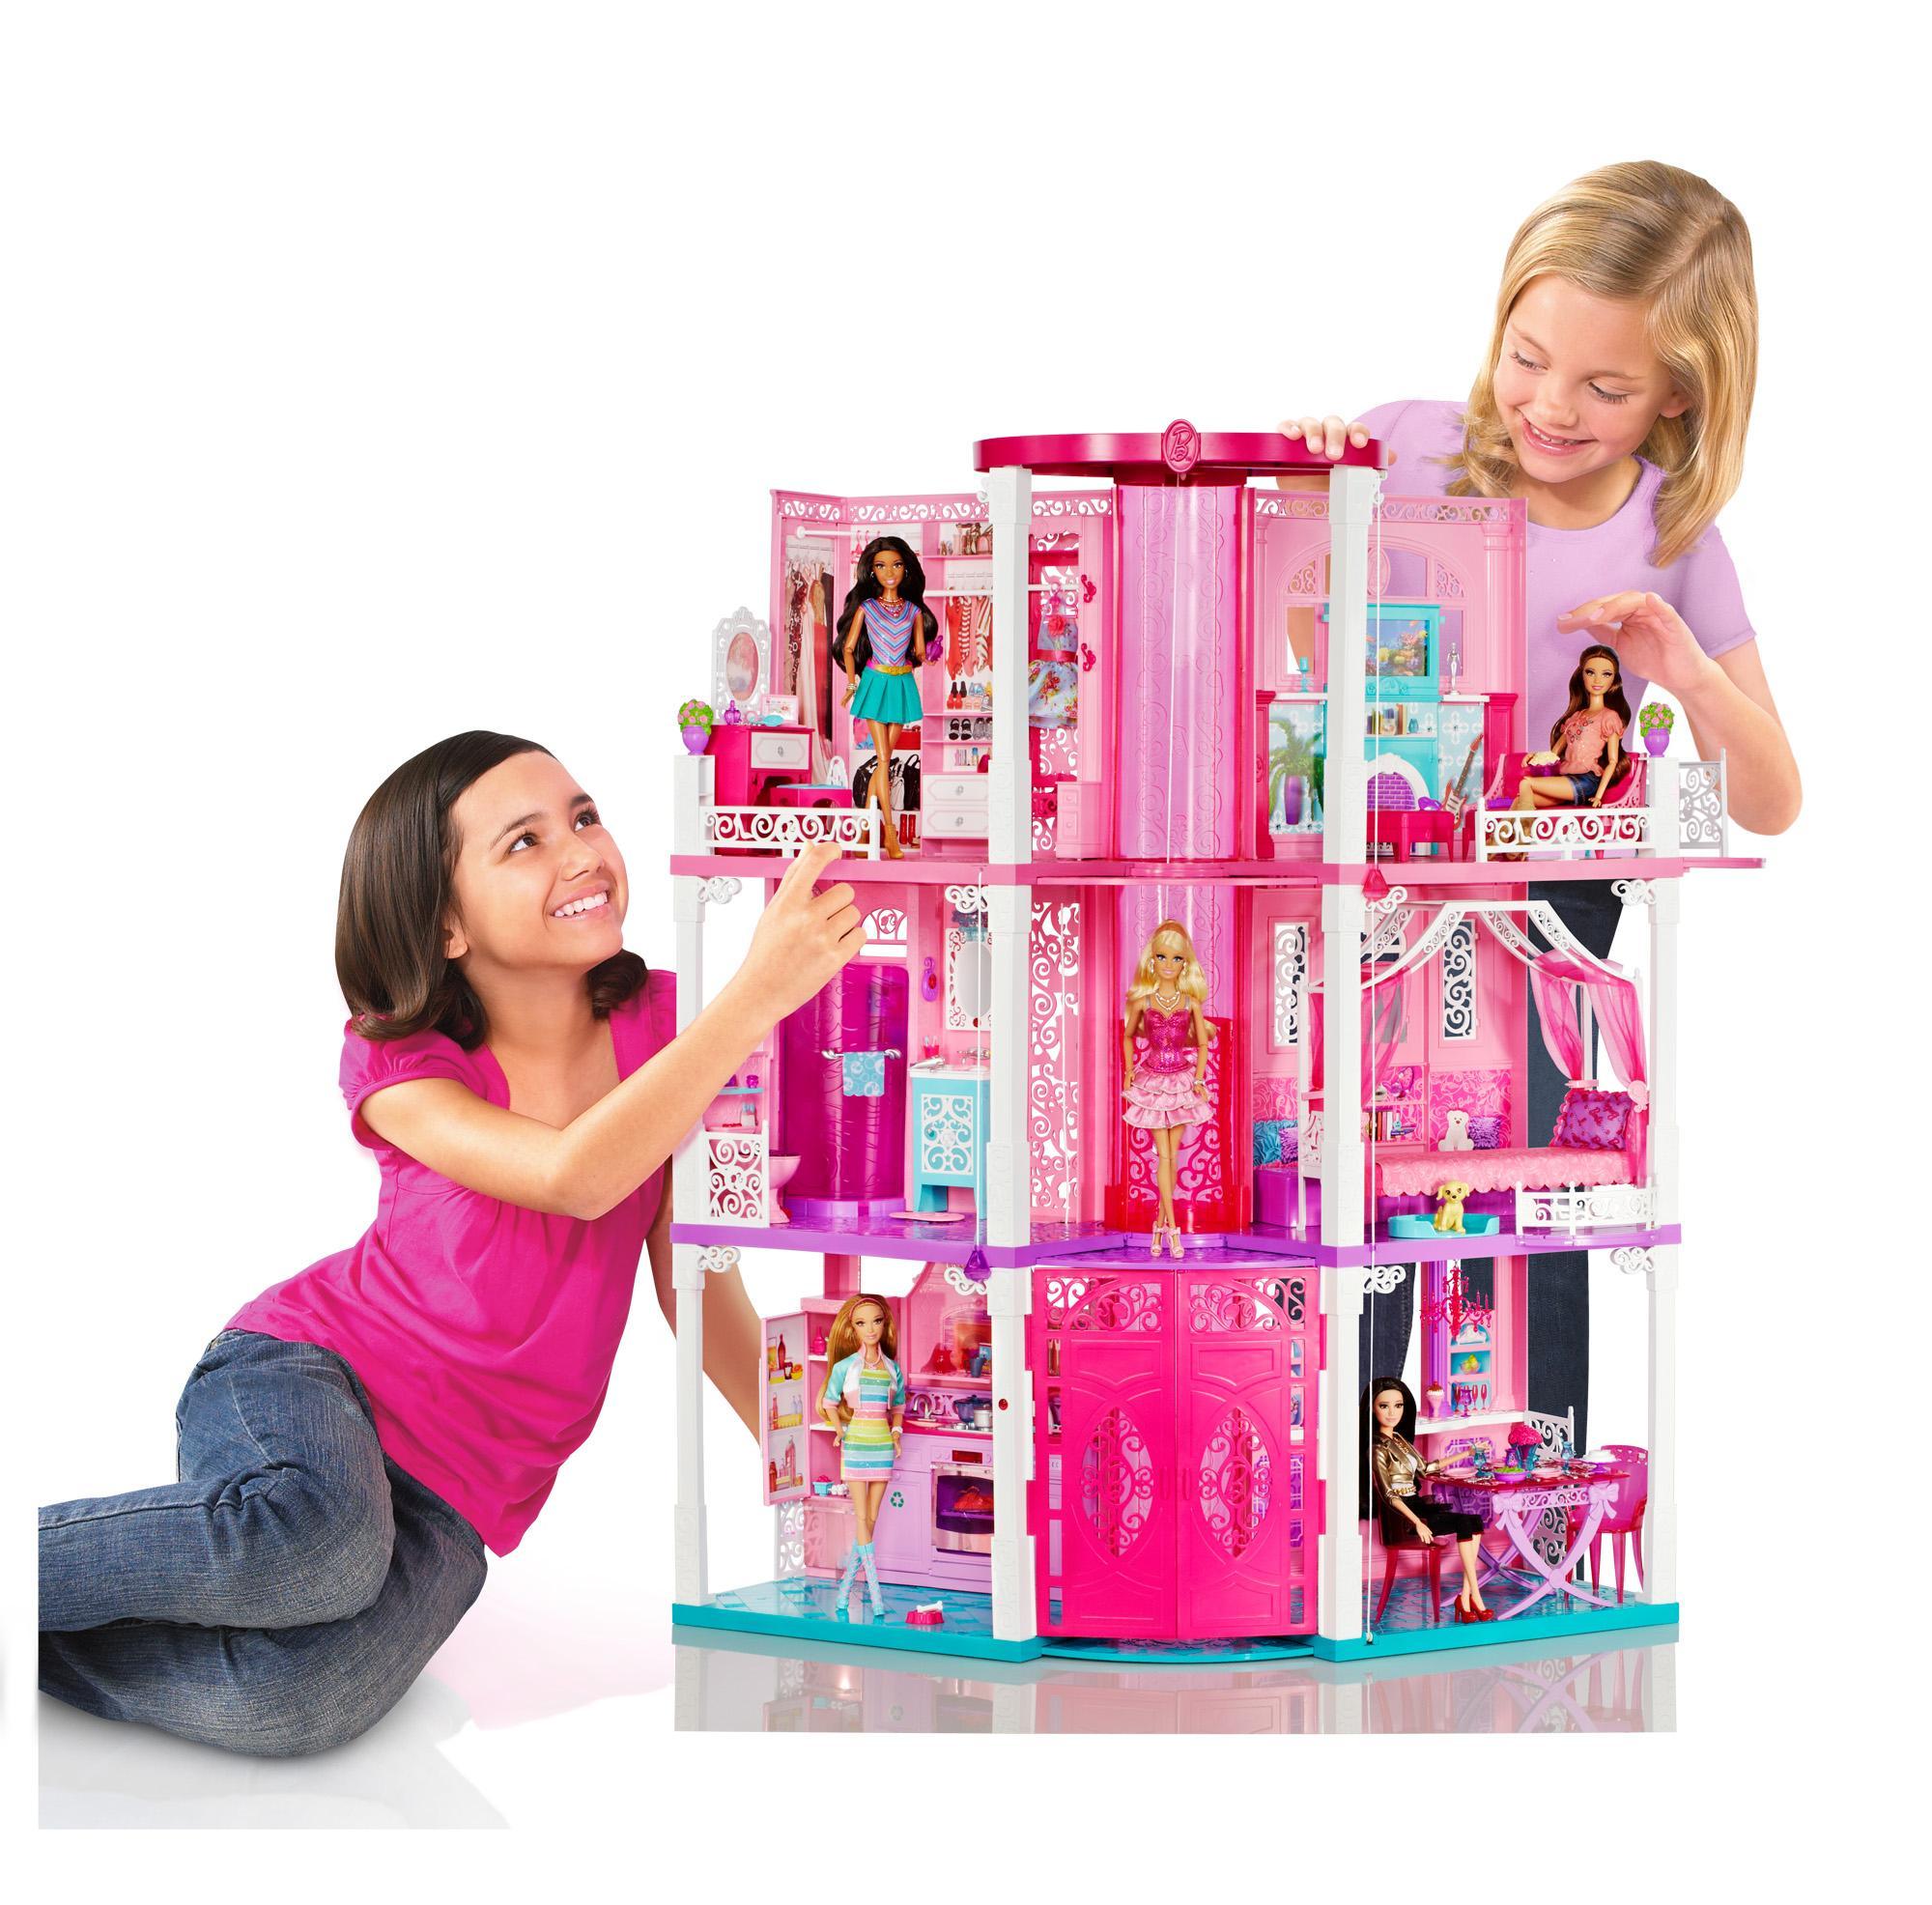 Barbie Doll by Mattel 3 Story Deluxe Folding Townhouse  : e055fda9 07a7 4394 8b6f fce9f67490f4V324939772 from www.ebay.com size 2000 x 1972 jpeg 377kB